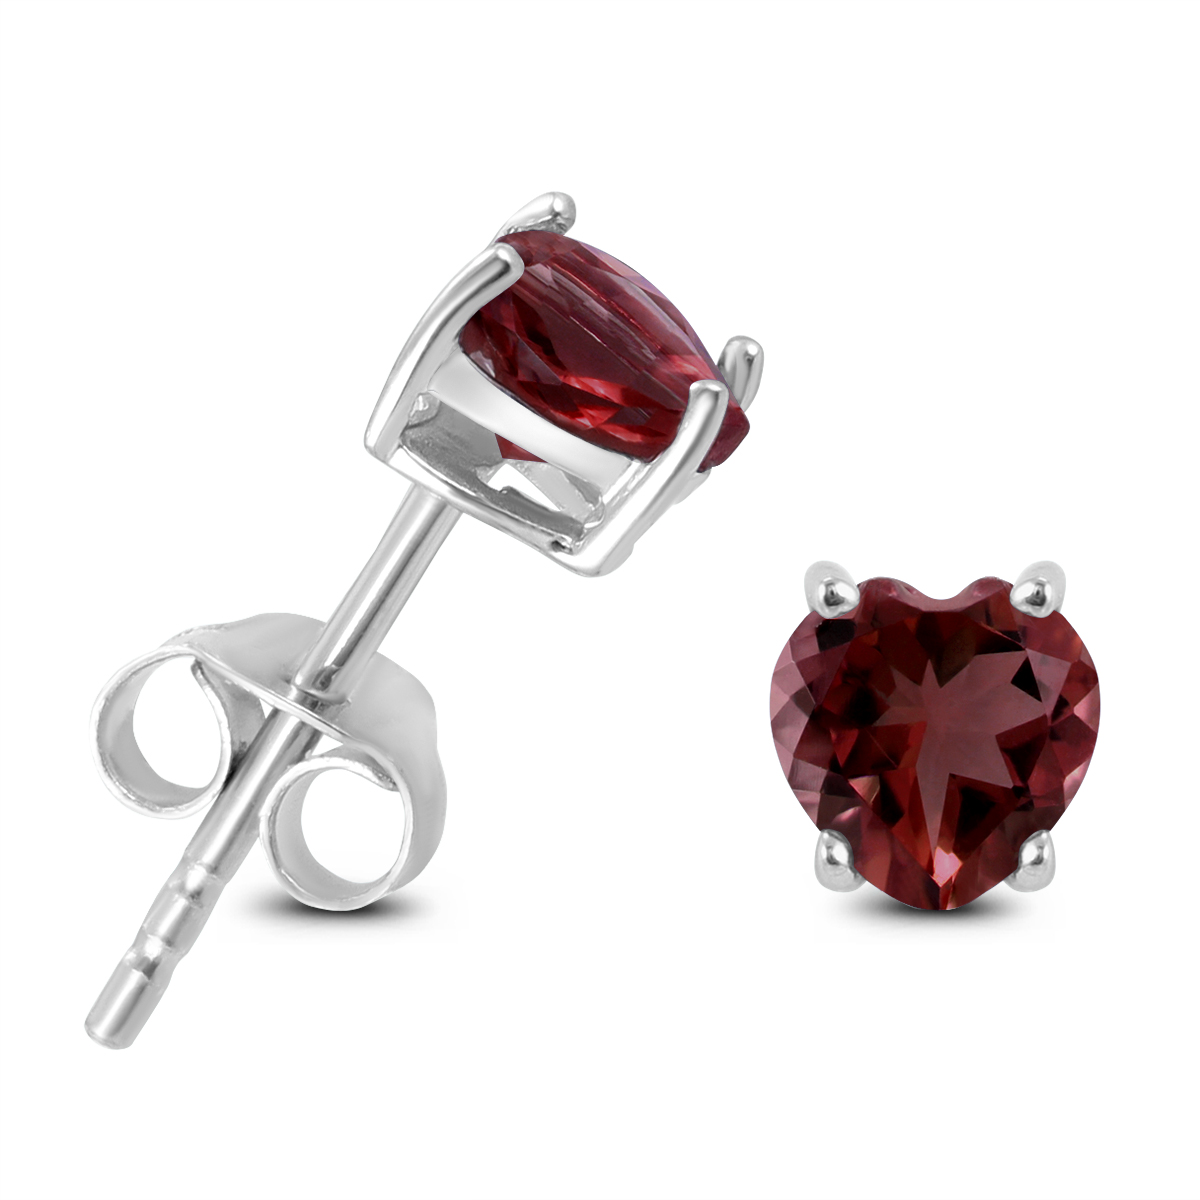 5mm Heart Shaped Garnet Earrings in .925